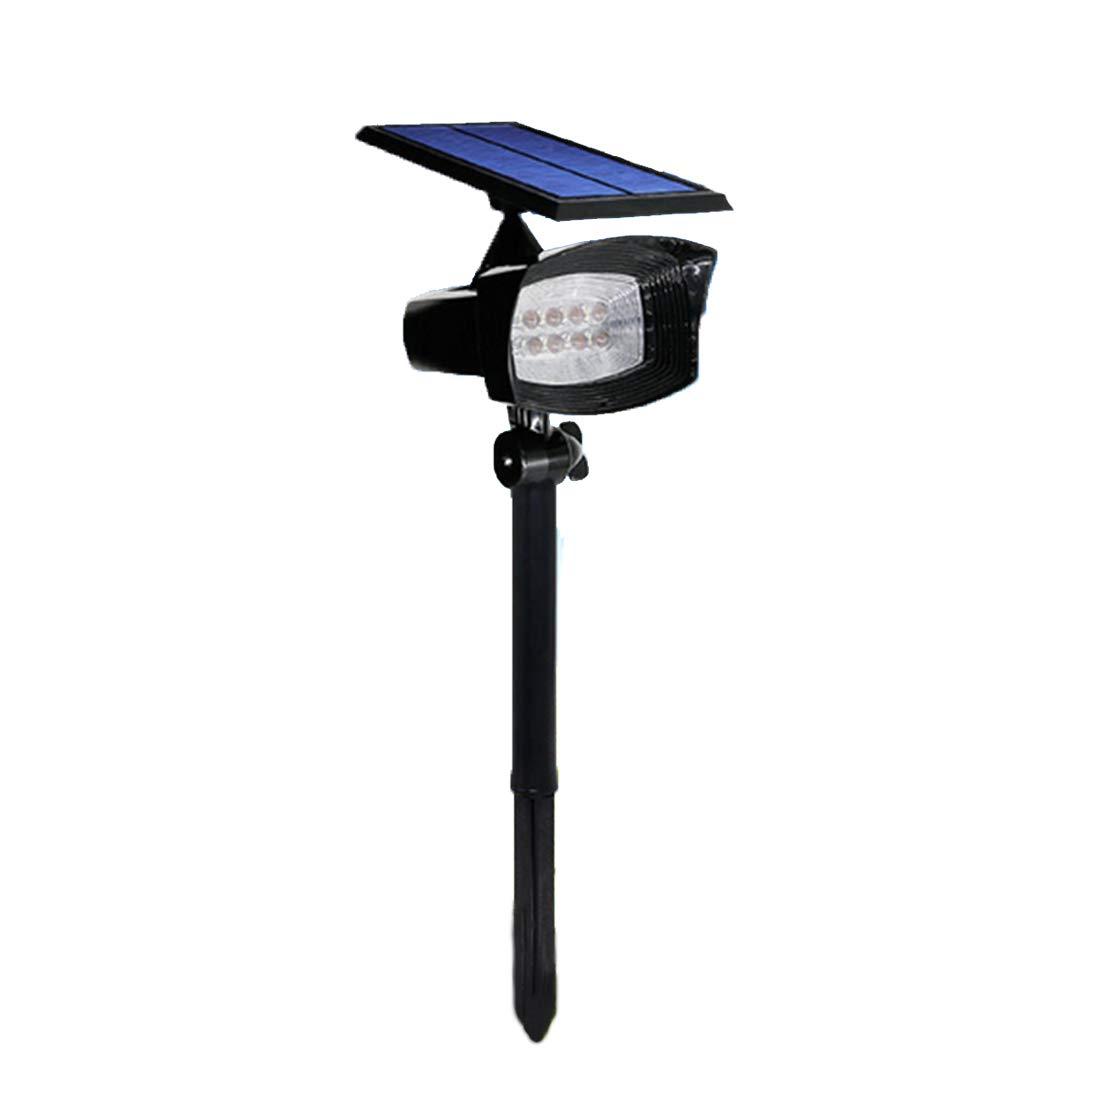 offrendo il 100% YWUAEN LED Luce Solare, Regolabile Impermeabile Impermeabile Impermeabile Solare Outdoor Paesaggio riflettore LED, Automatico on off Giardino, Cortile, Prato, Parete Esterna e Canale  una marca di lusso